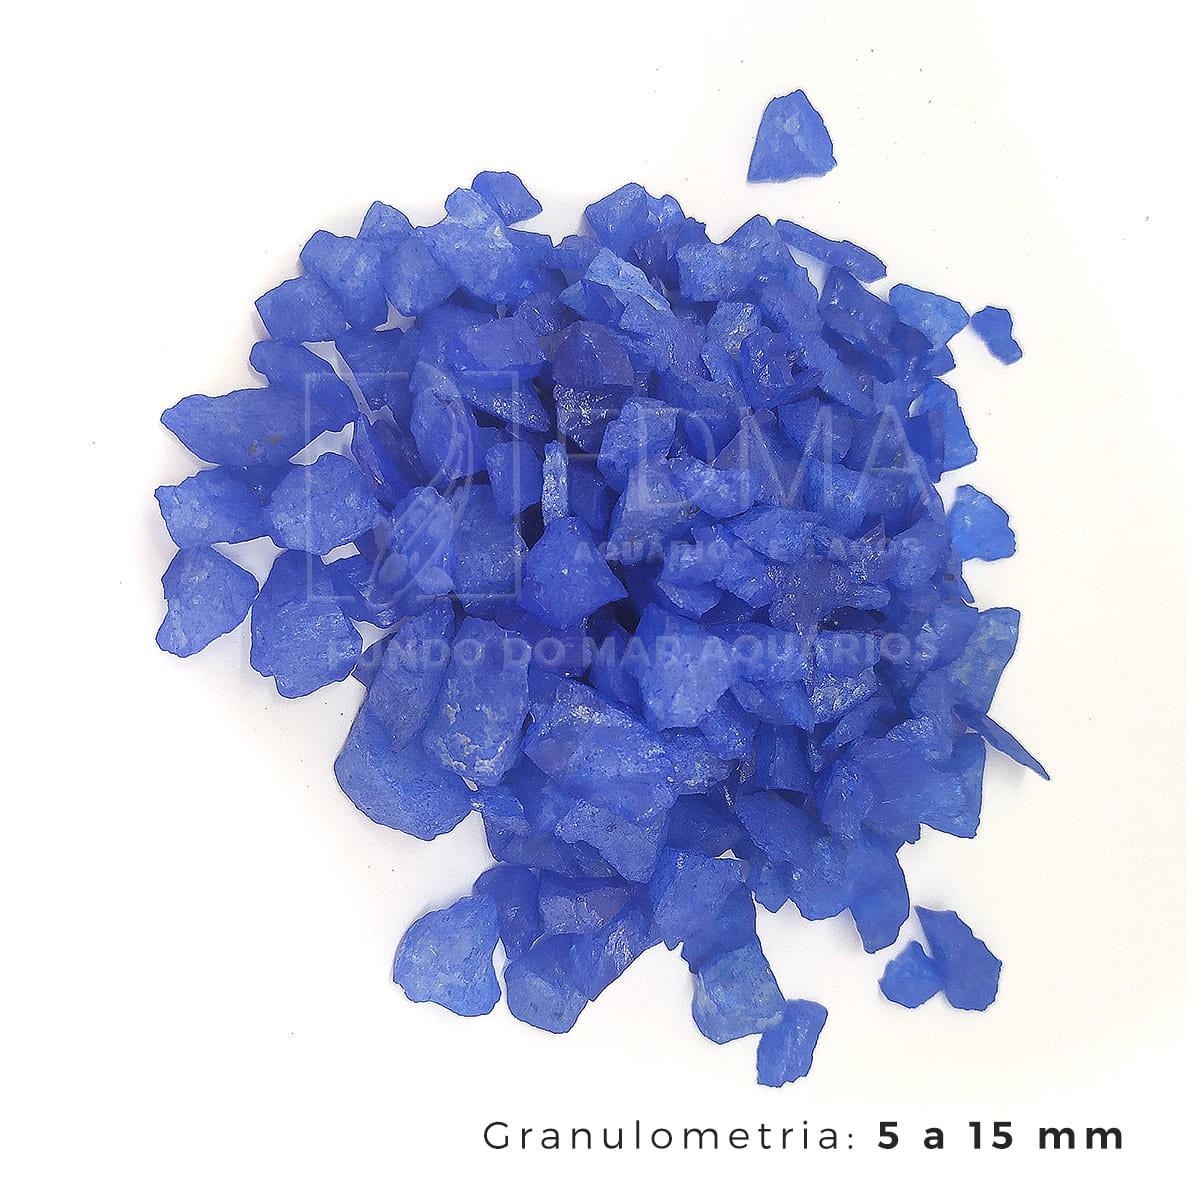 Cristal Quartzo Decoração Aquários e jardins Azul Escuro 3kg